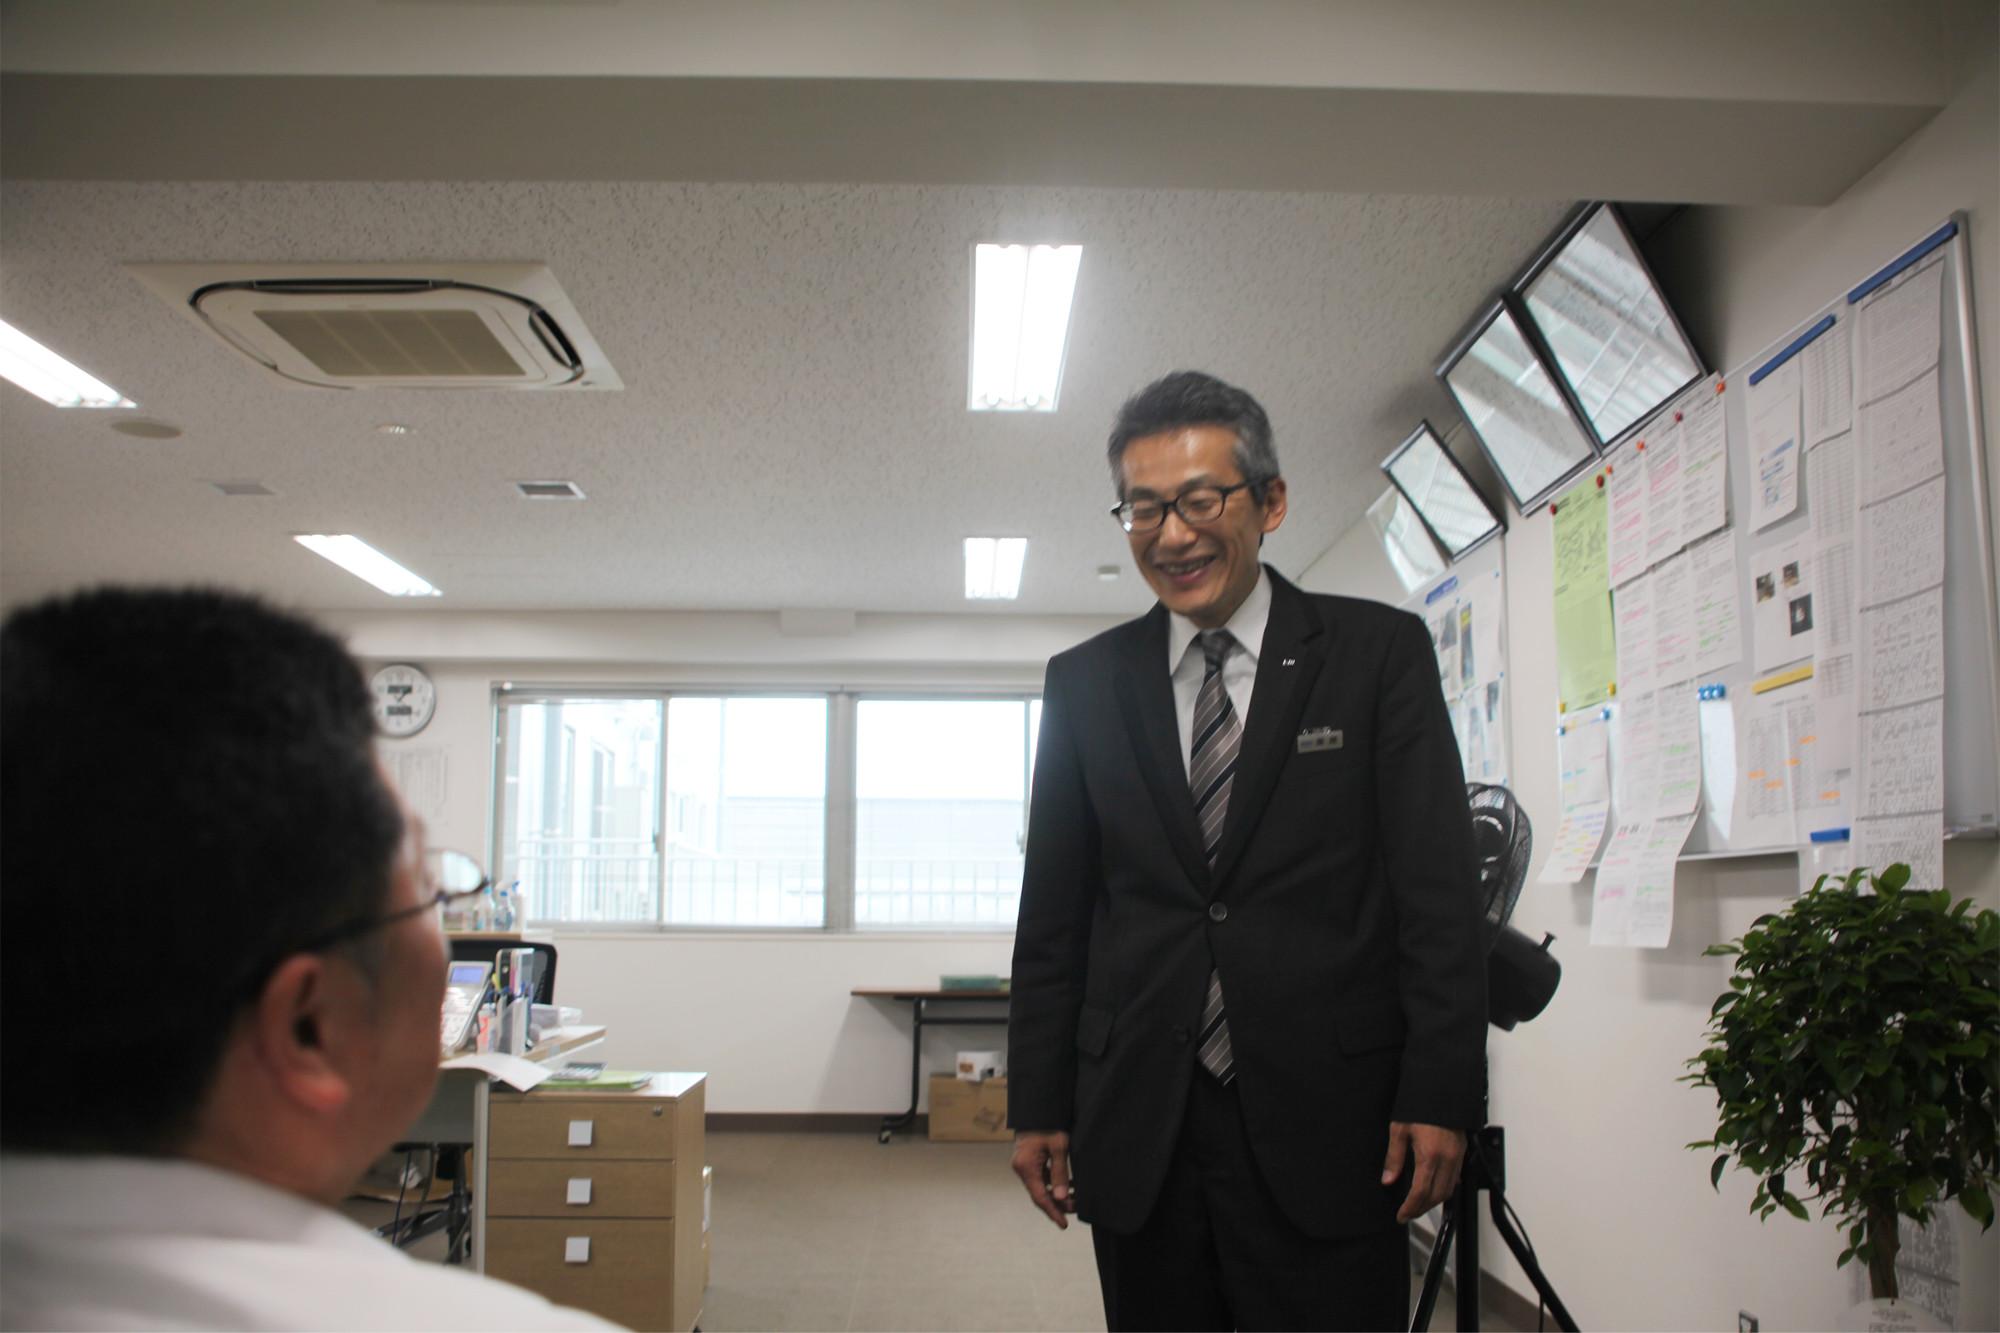 50代で転職した国際自動車(㎞タクシー)のタクシードライバー栗原さんの笑顔の写真